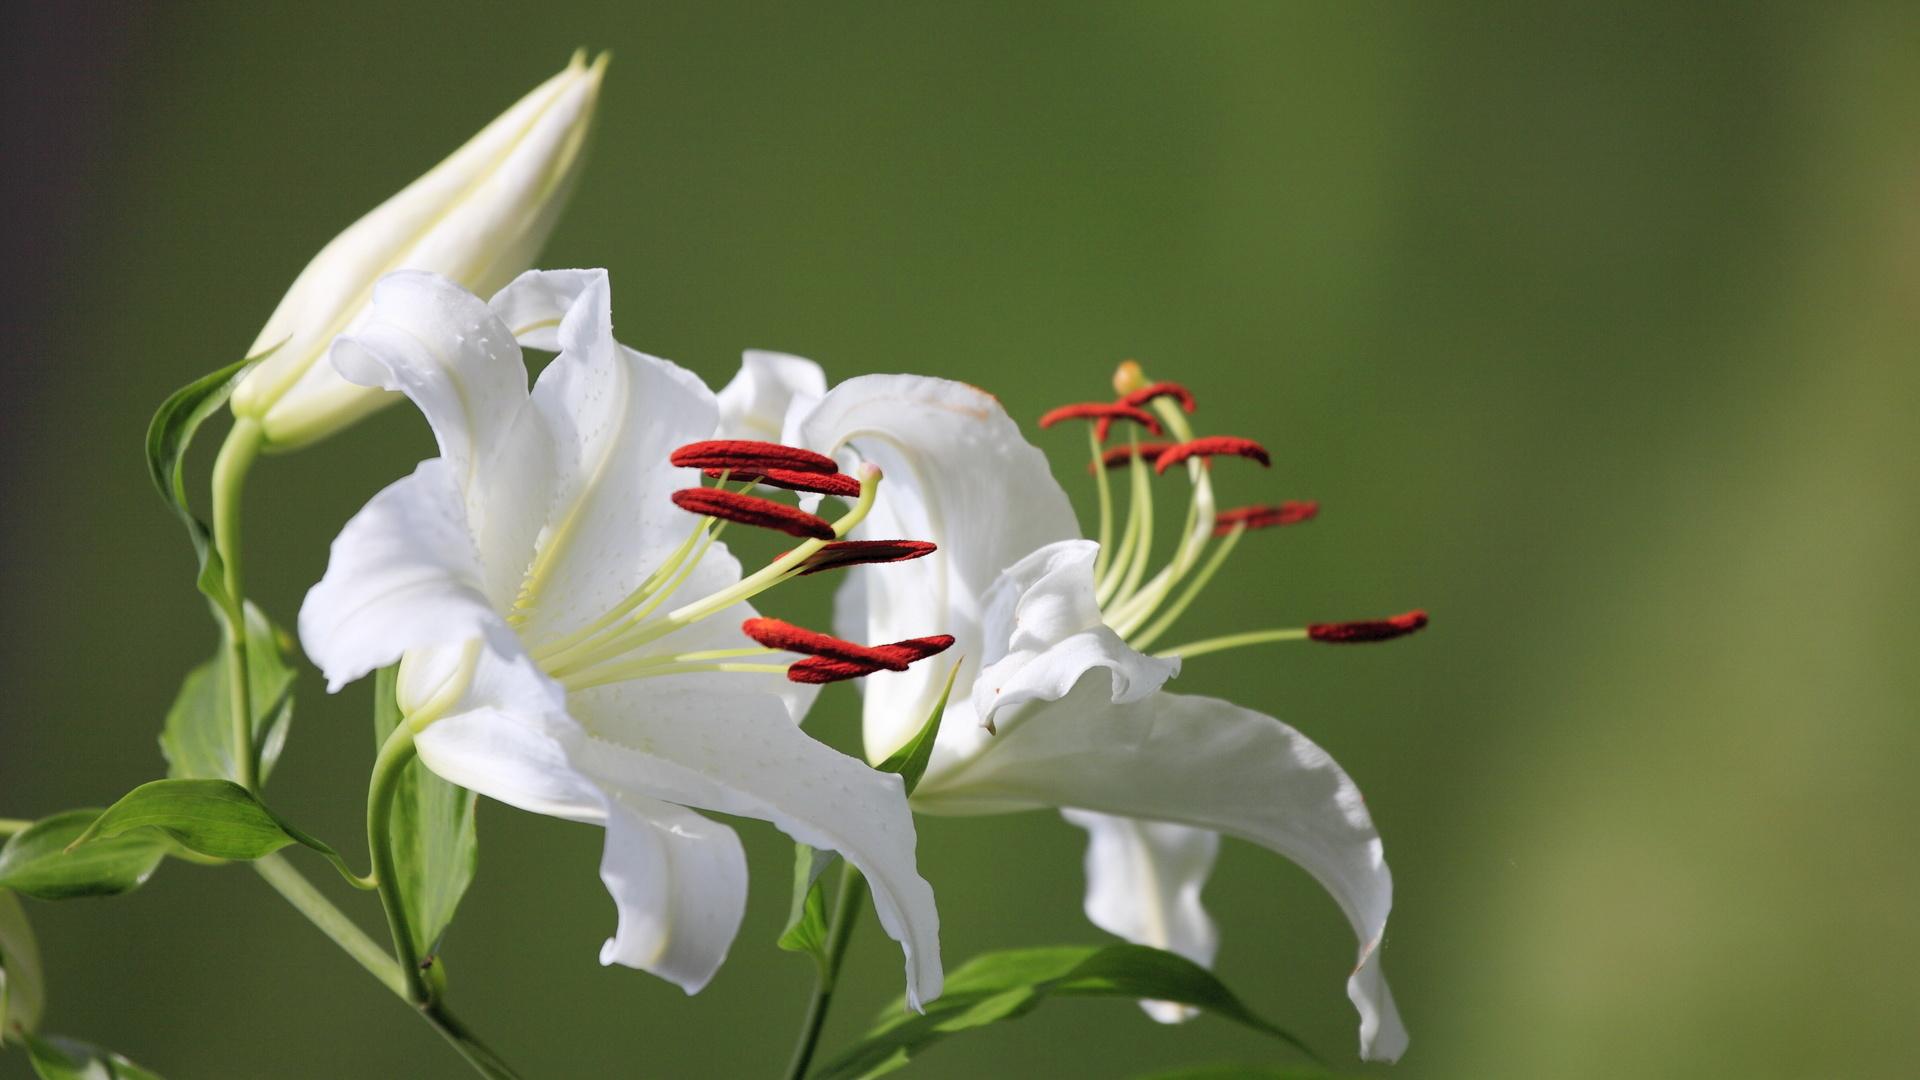 природа, лилии, цветы, макро, белый, бутон